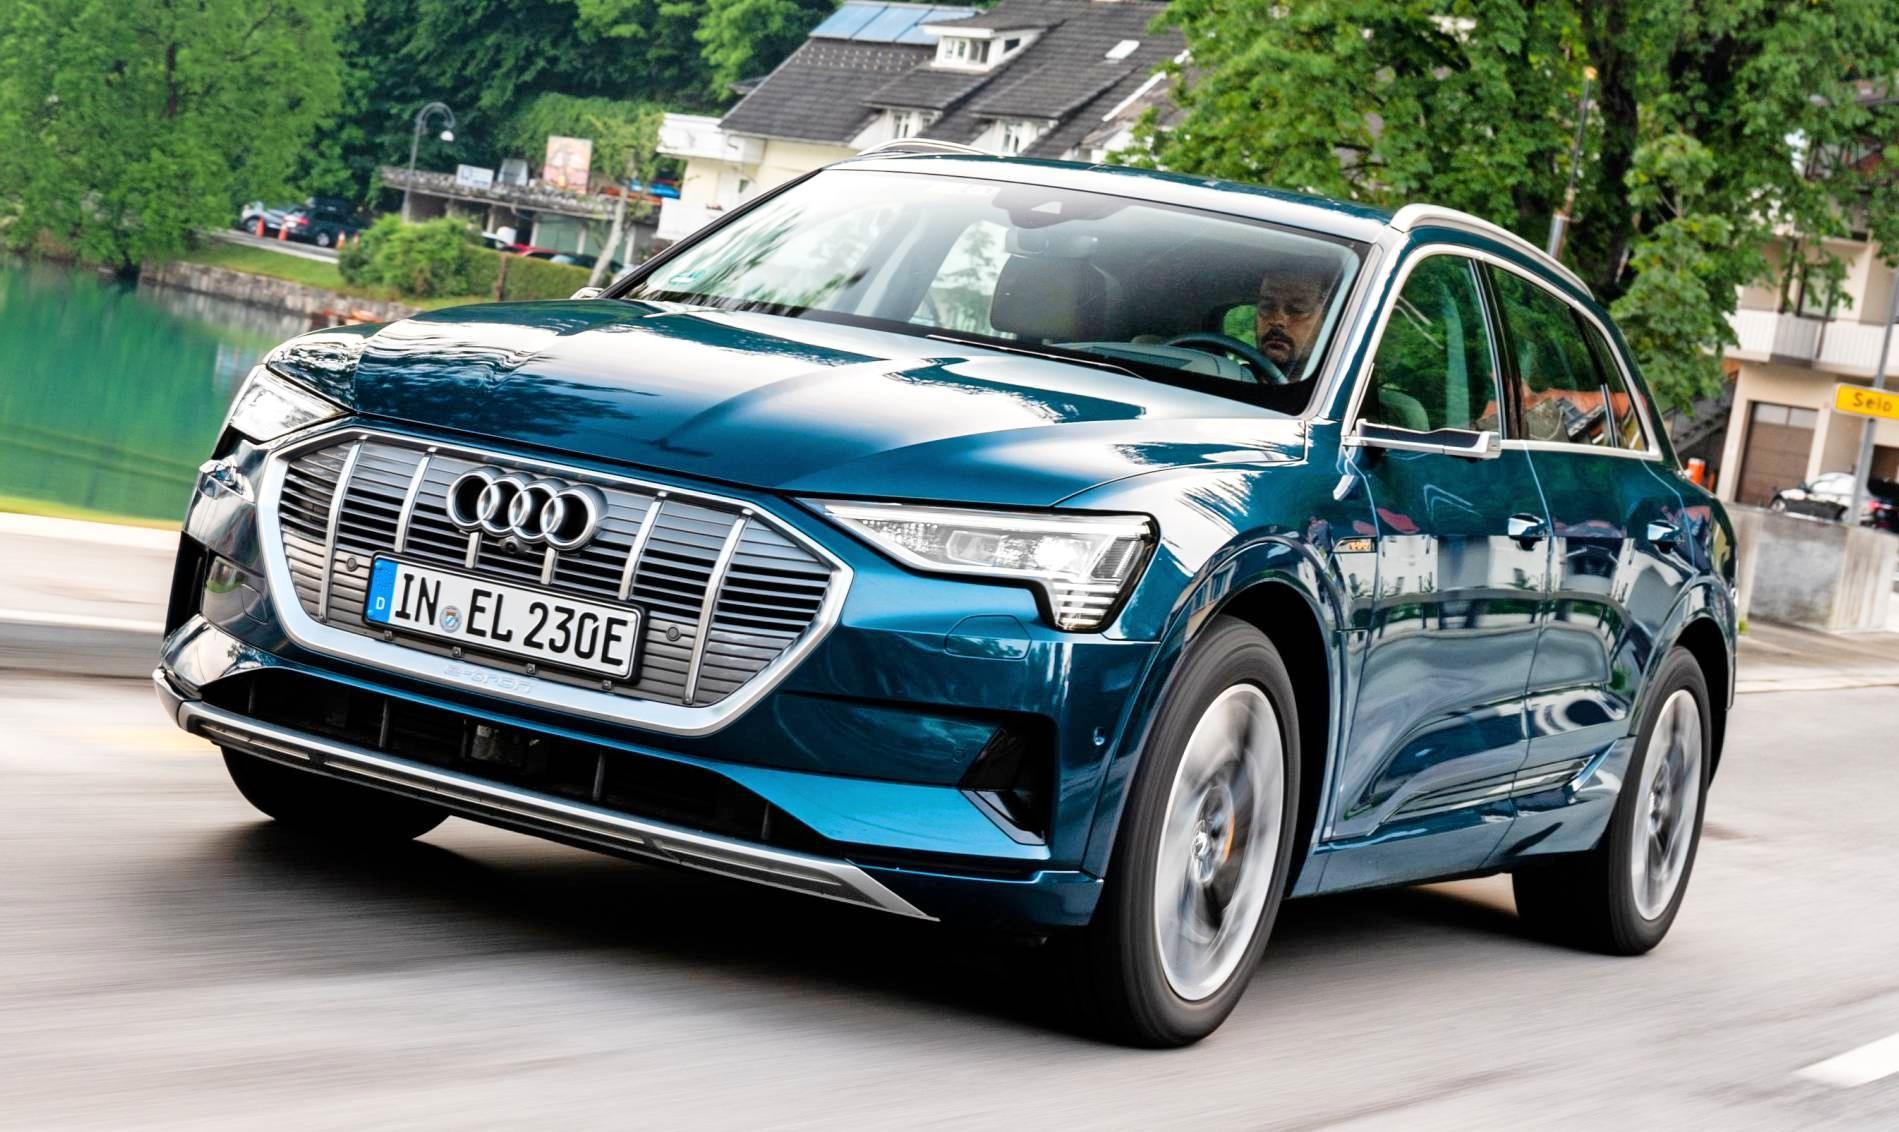 Mit dem Audi E-Tron ging bei Audi alles los. Bis zum Jahr 2025 folgen mehr als 30 Modelle mit Stecker – unter anderem der sportliche E-Tron GT, der am Standort Böllinger Höfe in Heilbronn gebaut wird. Foto: Audi